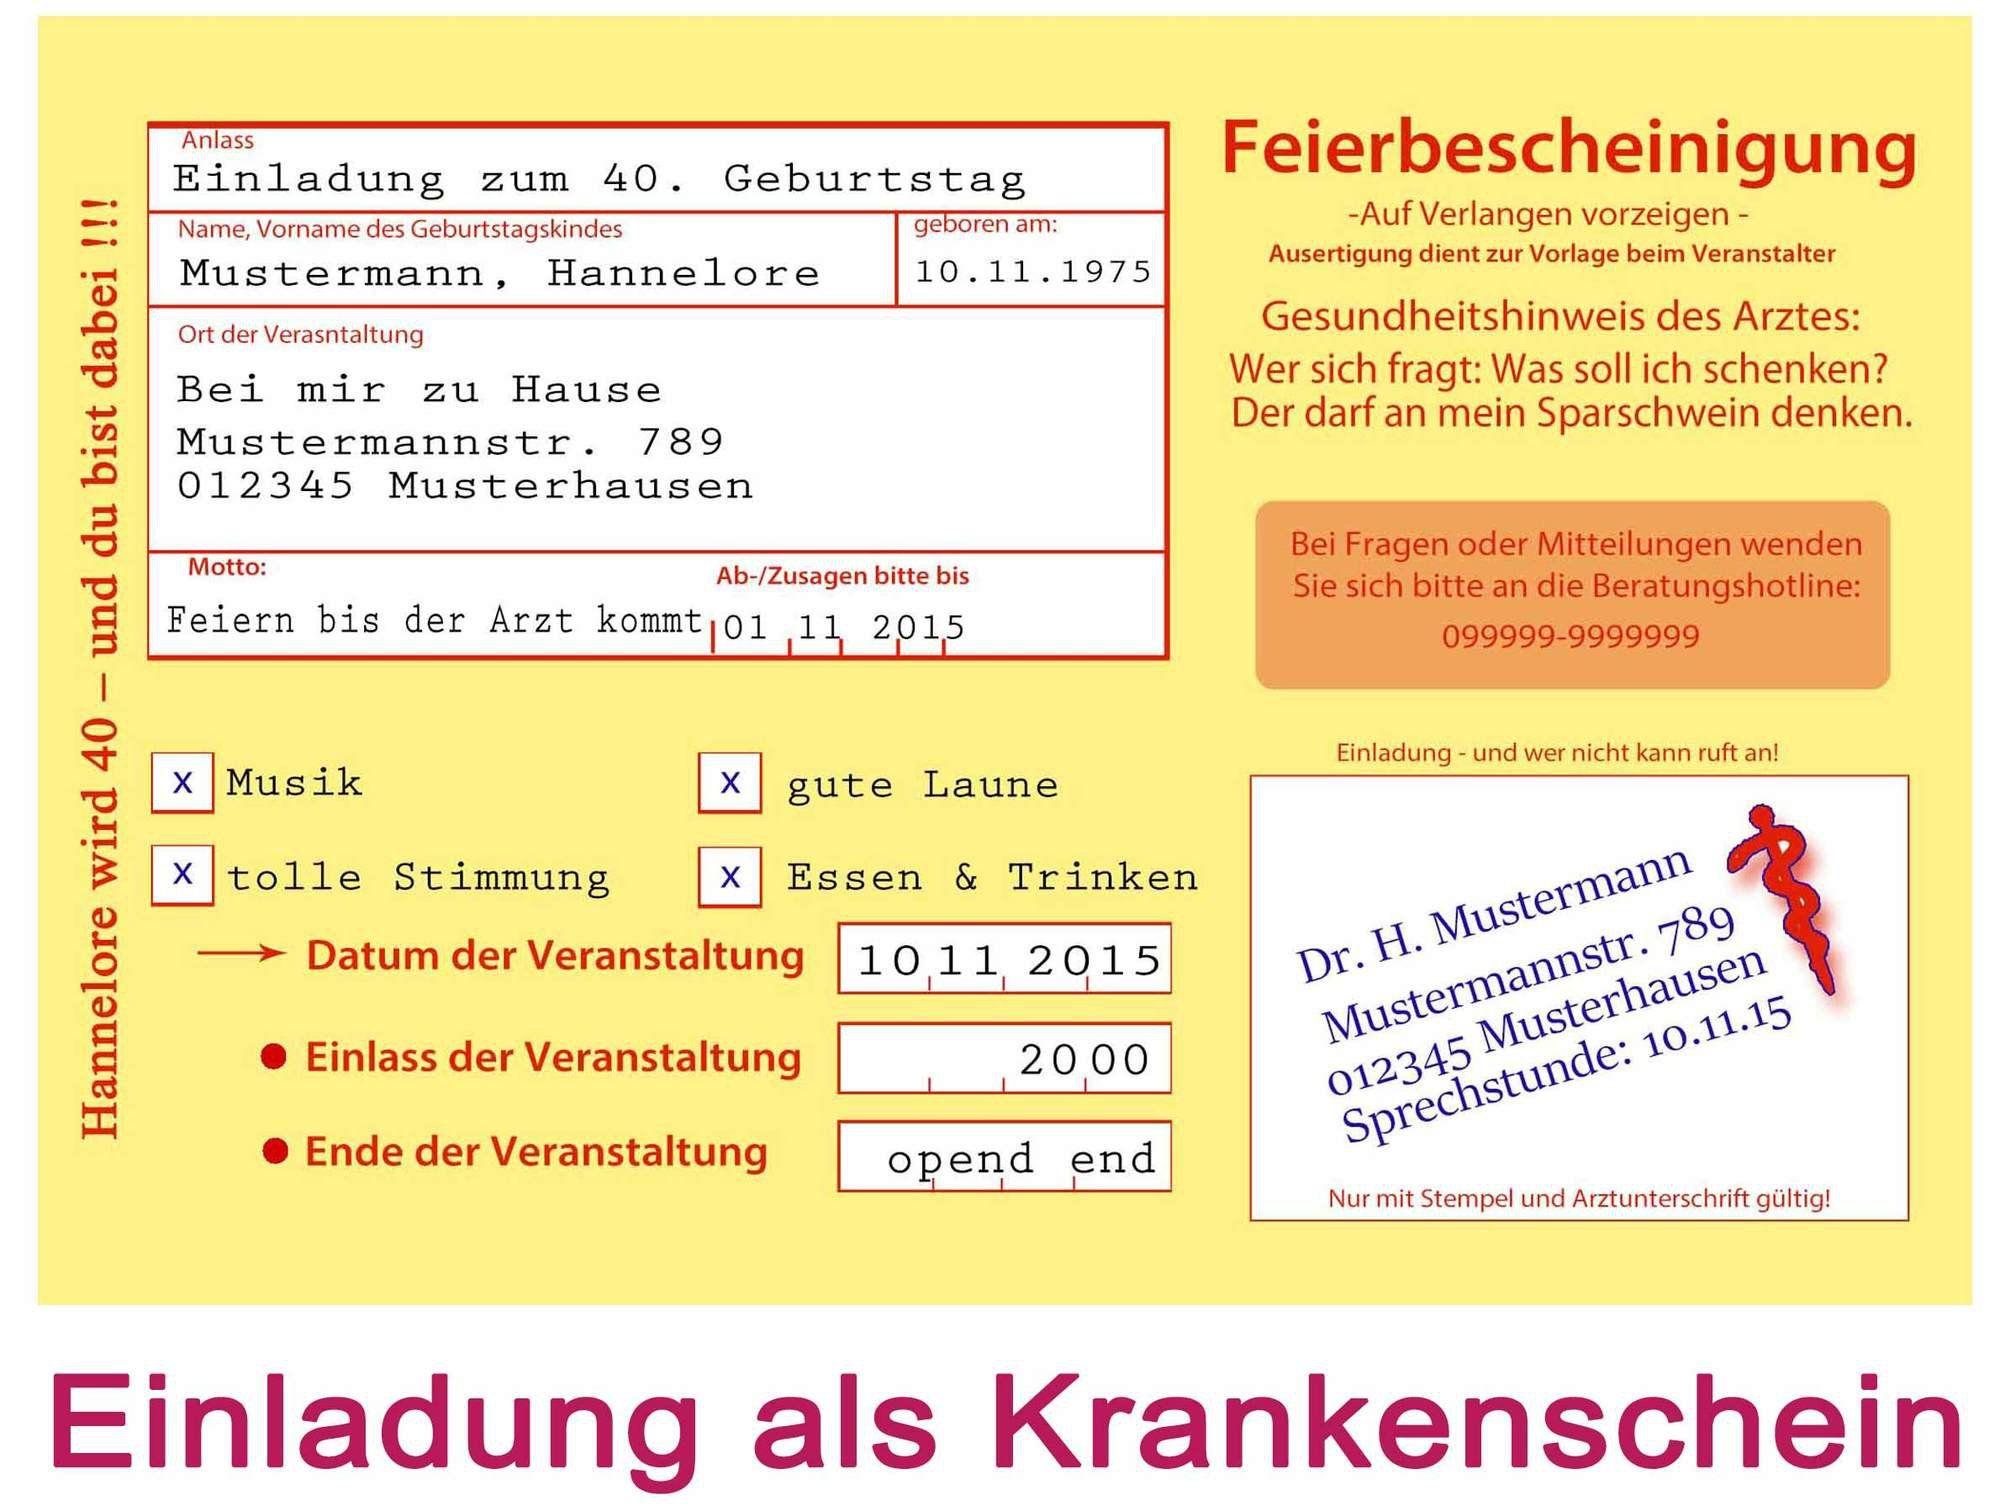 einladung-geburtstag-vorlagen | einladungskarten geburtstag, Einladungen